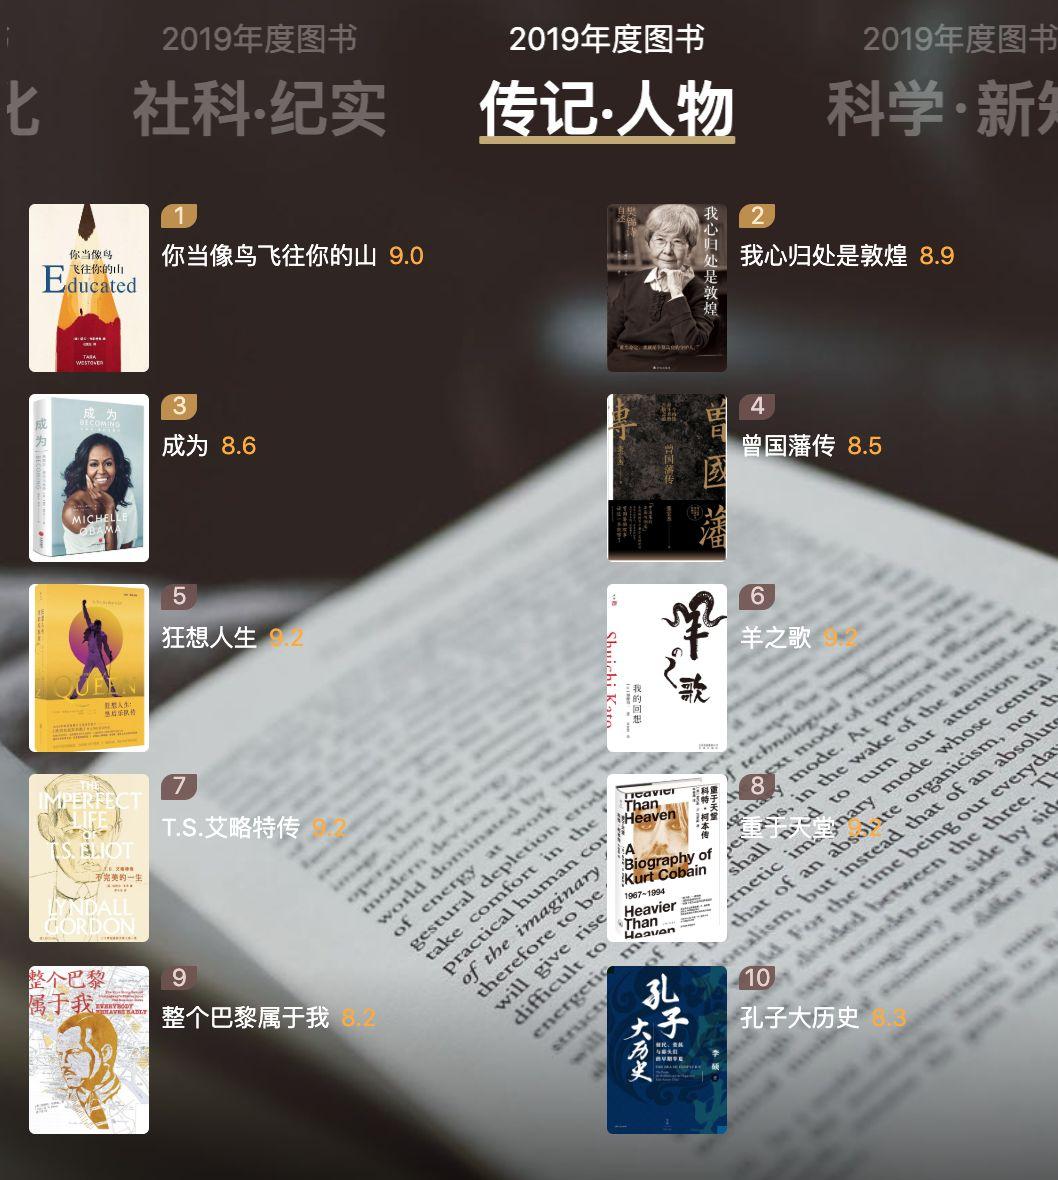 2019读书排行榜_豆瓣2019年度读书榜单